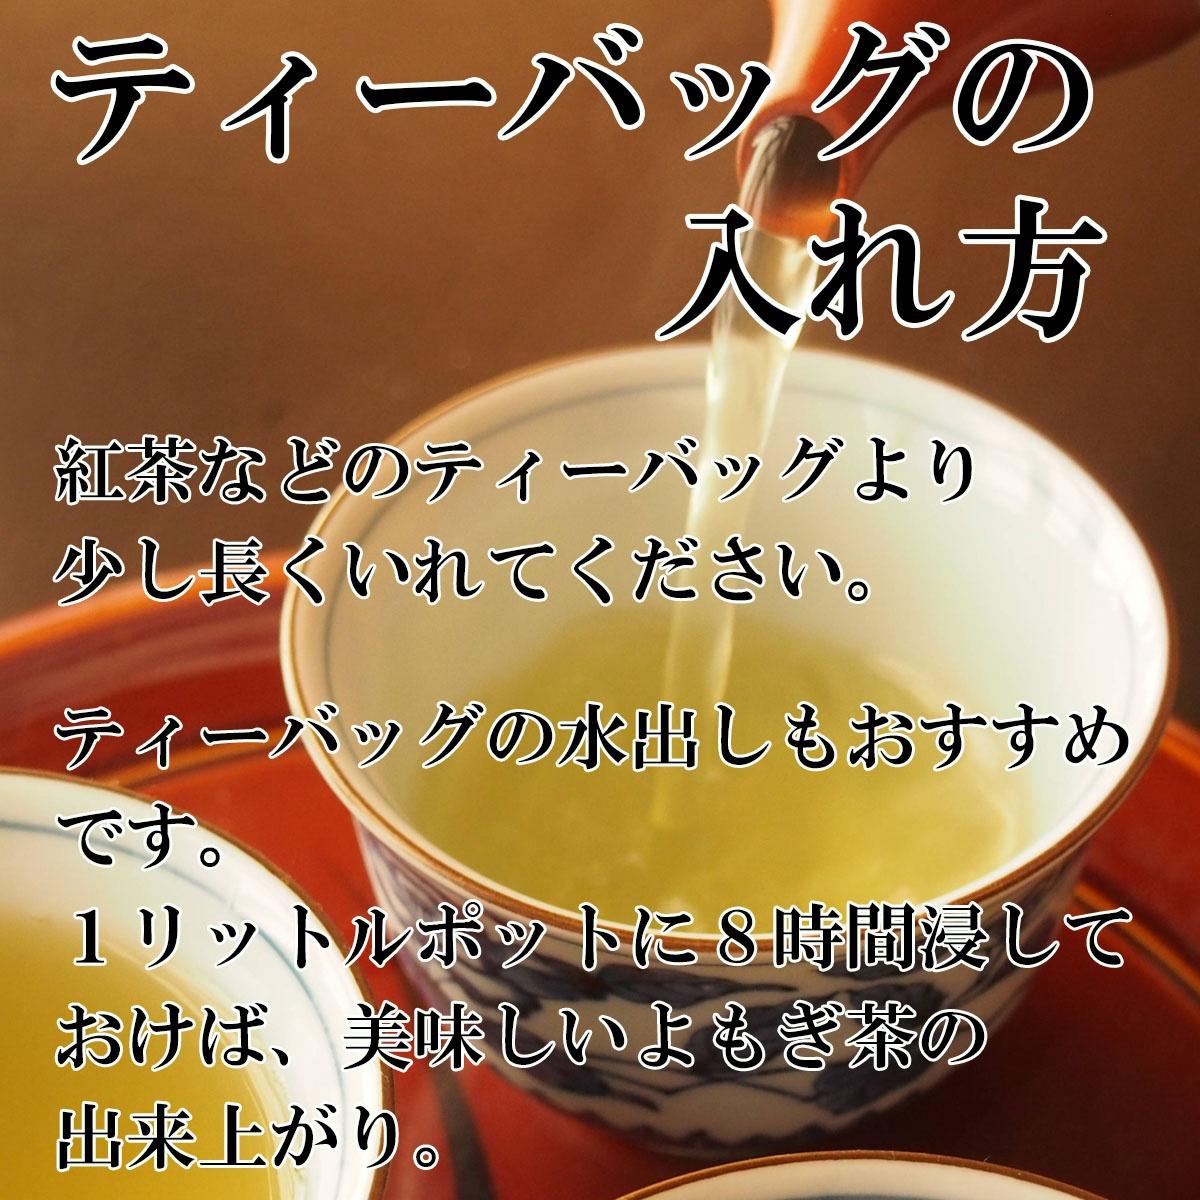 深吉野よもぎ加工組合 よもぎ茶 よもぎティーバッグの商品画像8